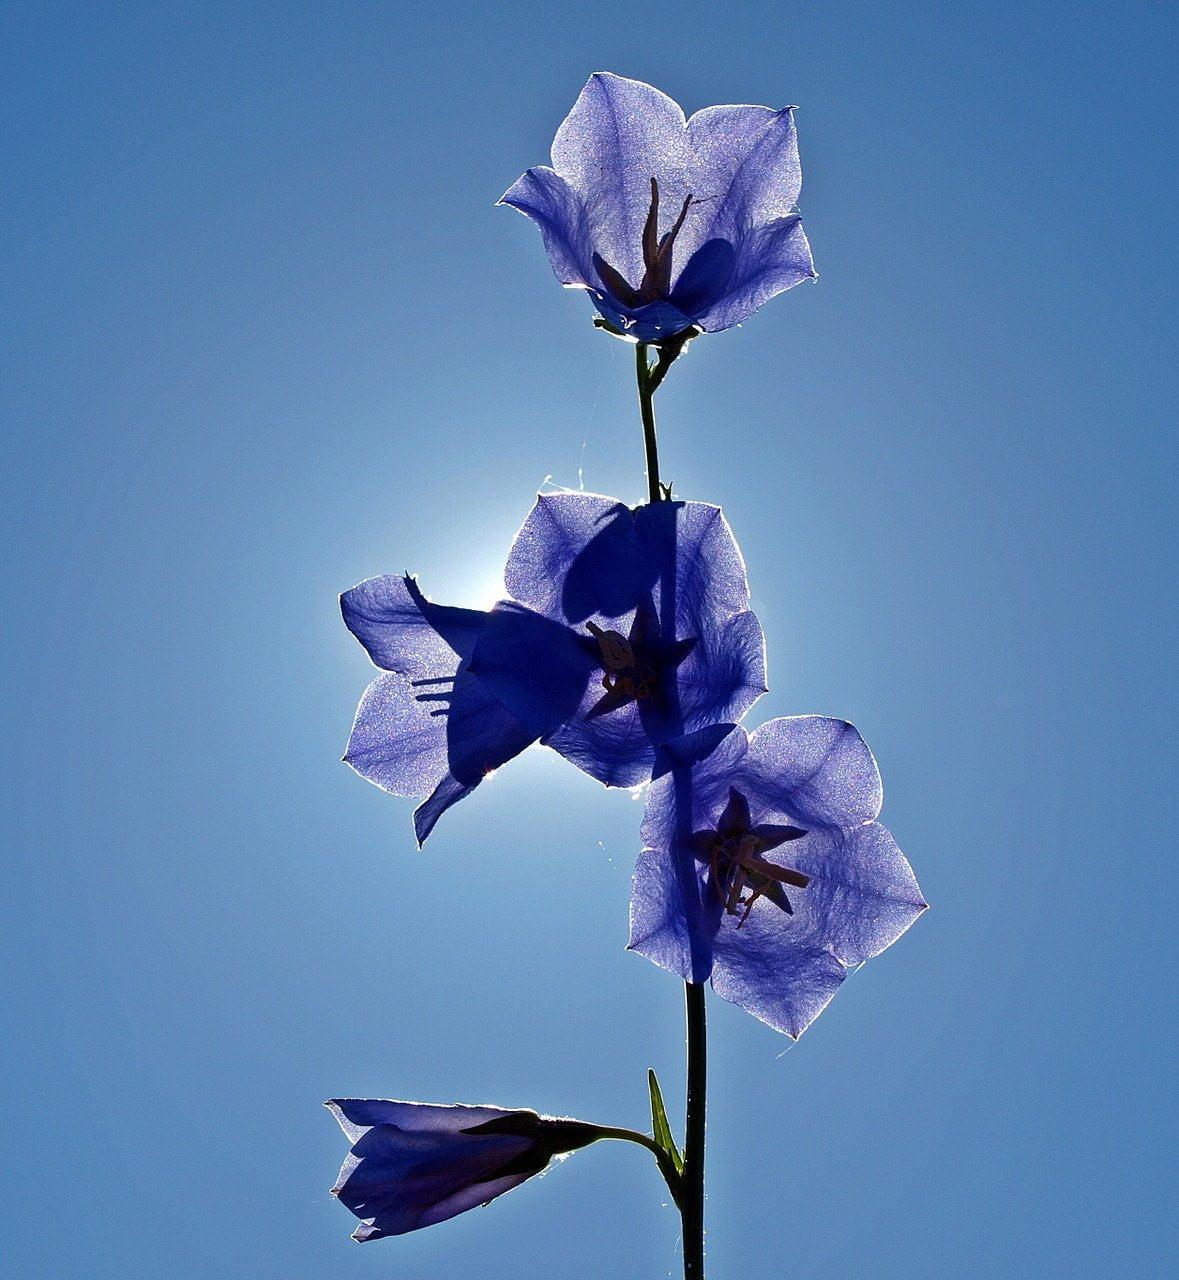 bellflowers, backlighting, flowers